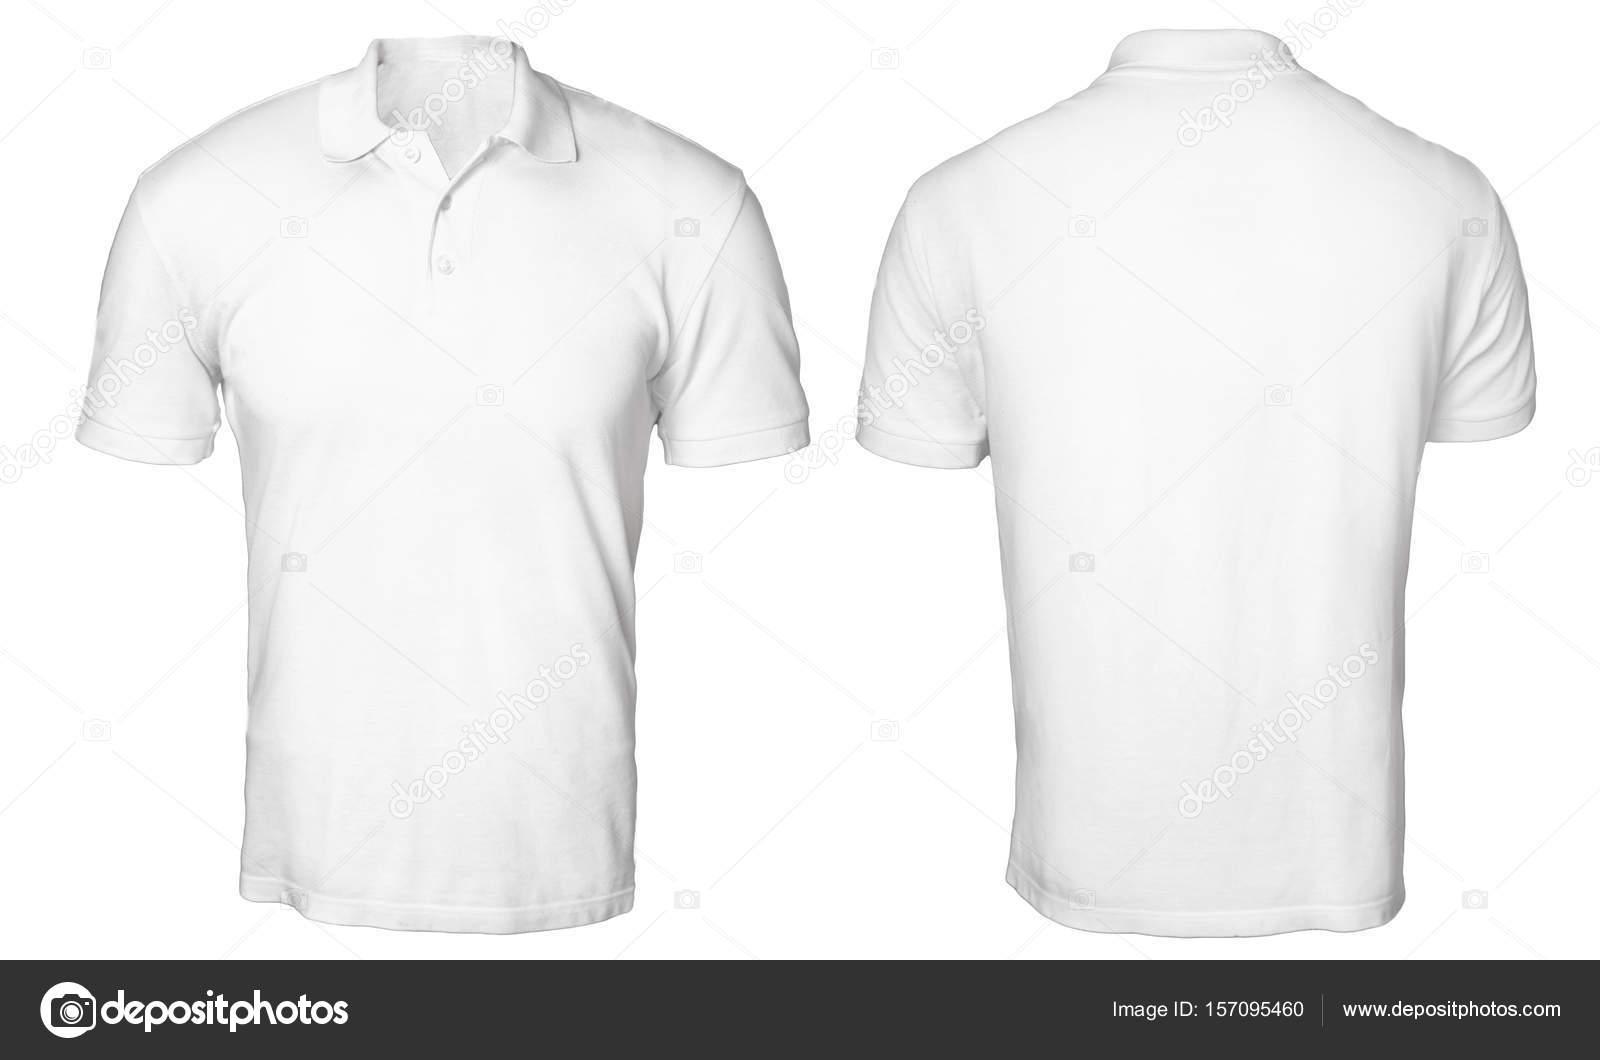 Blanco camisa de Polo Mock up — Fotos de Stock © airdone  157095460 0df68444bc8df